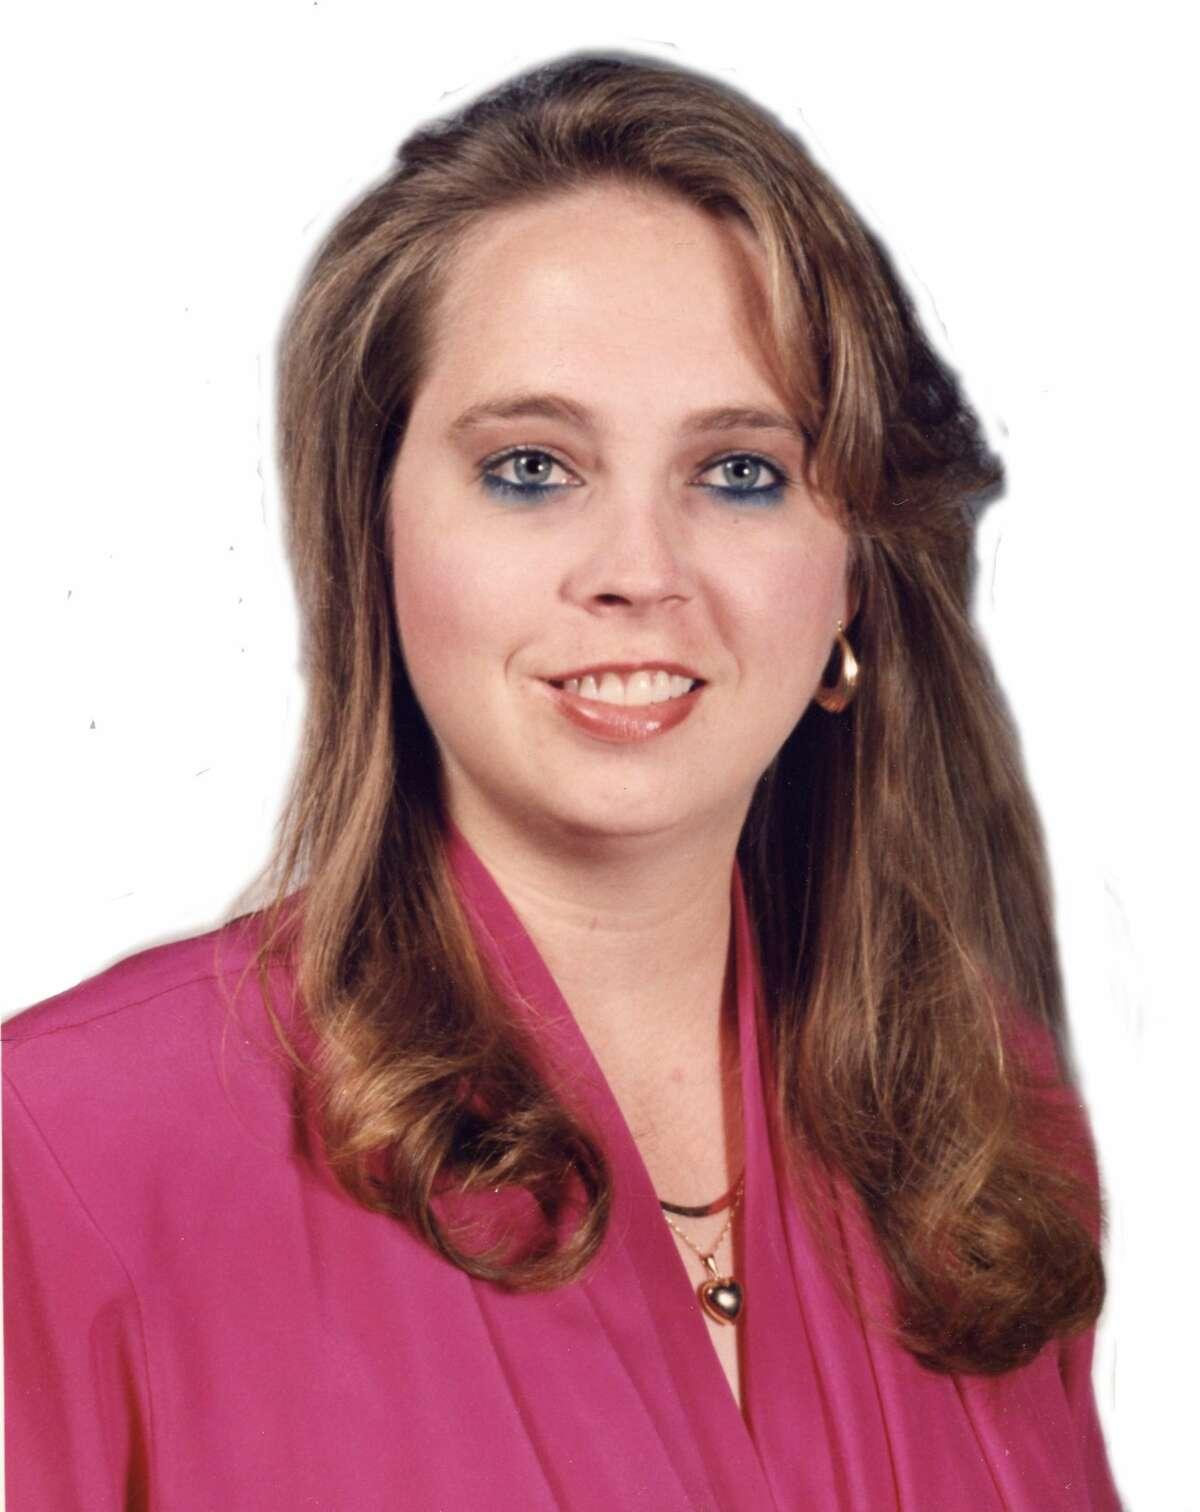 Julie Leanne Reese